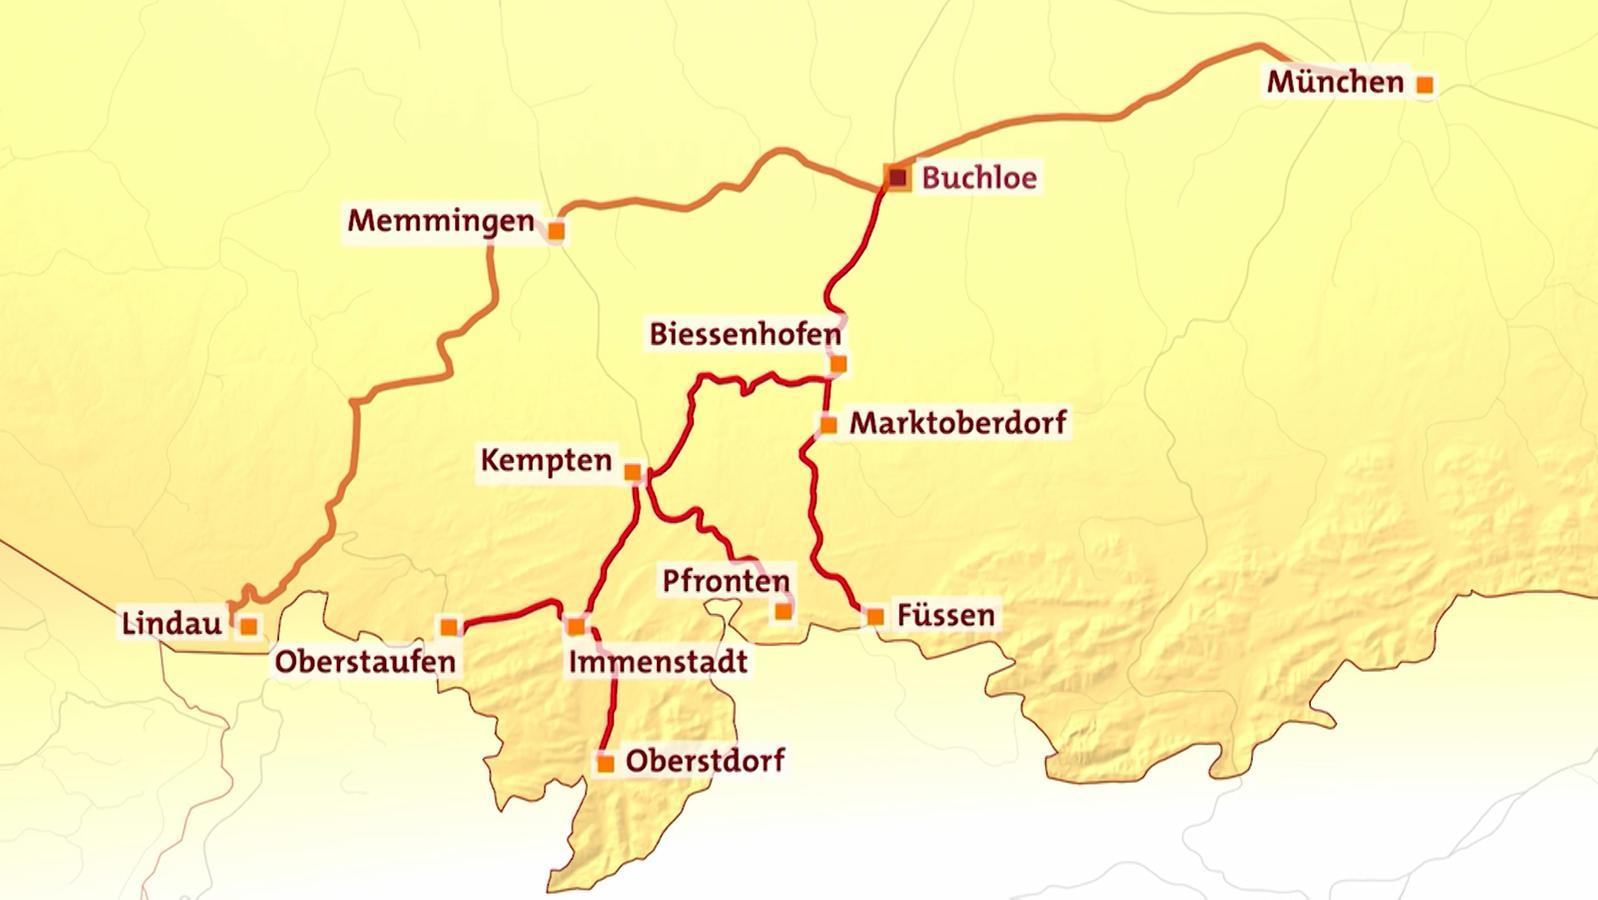 In Deutlich Weniger Als Zwei Stunden Mit Dem Zug Von München Nach Lindau Das Verspricht Der Ausbau Der Bahnstrecke Abs 48 Der Vor Allem Den Schnellen Eurocity Zügen Zugutekommt Berufspendler Aus